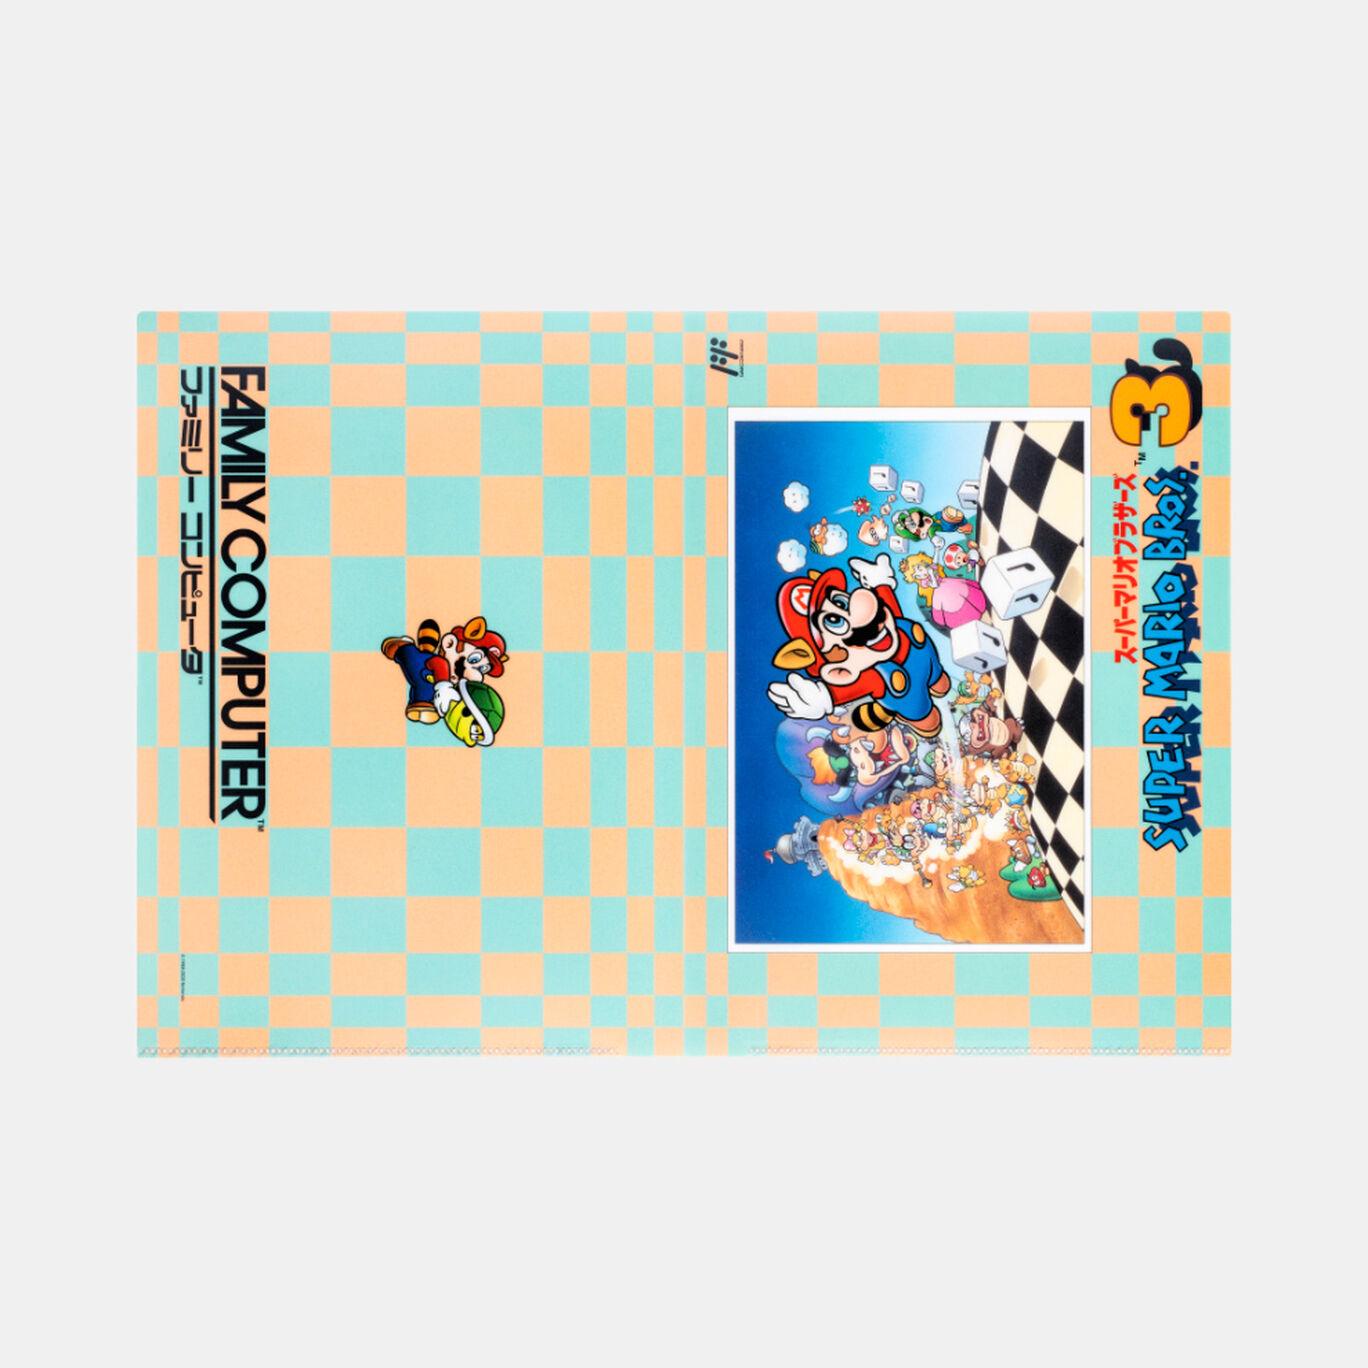 クリアファイル ダブルポケット スーパーマリオブラザーズ3【Nintendo TOKYO取り扱い商品】